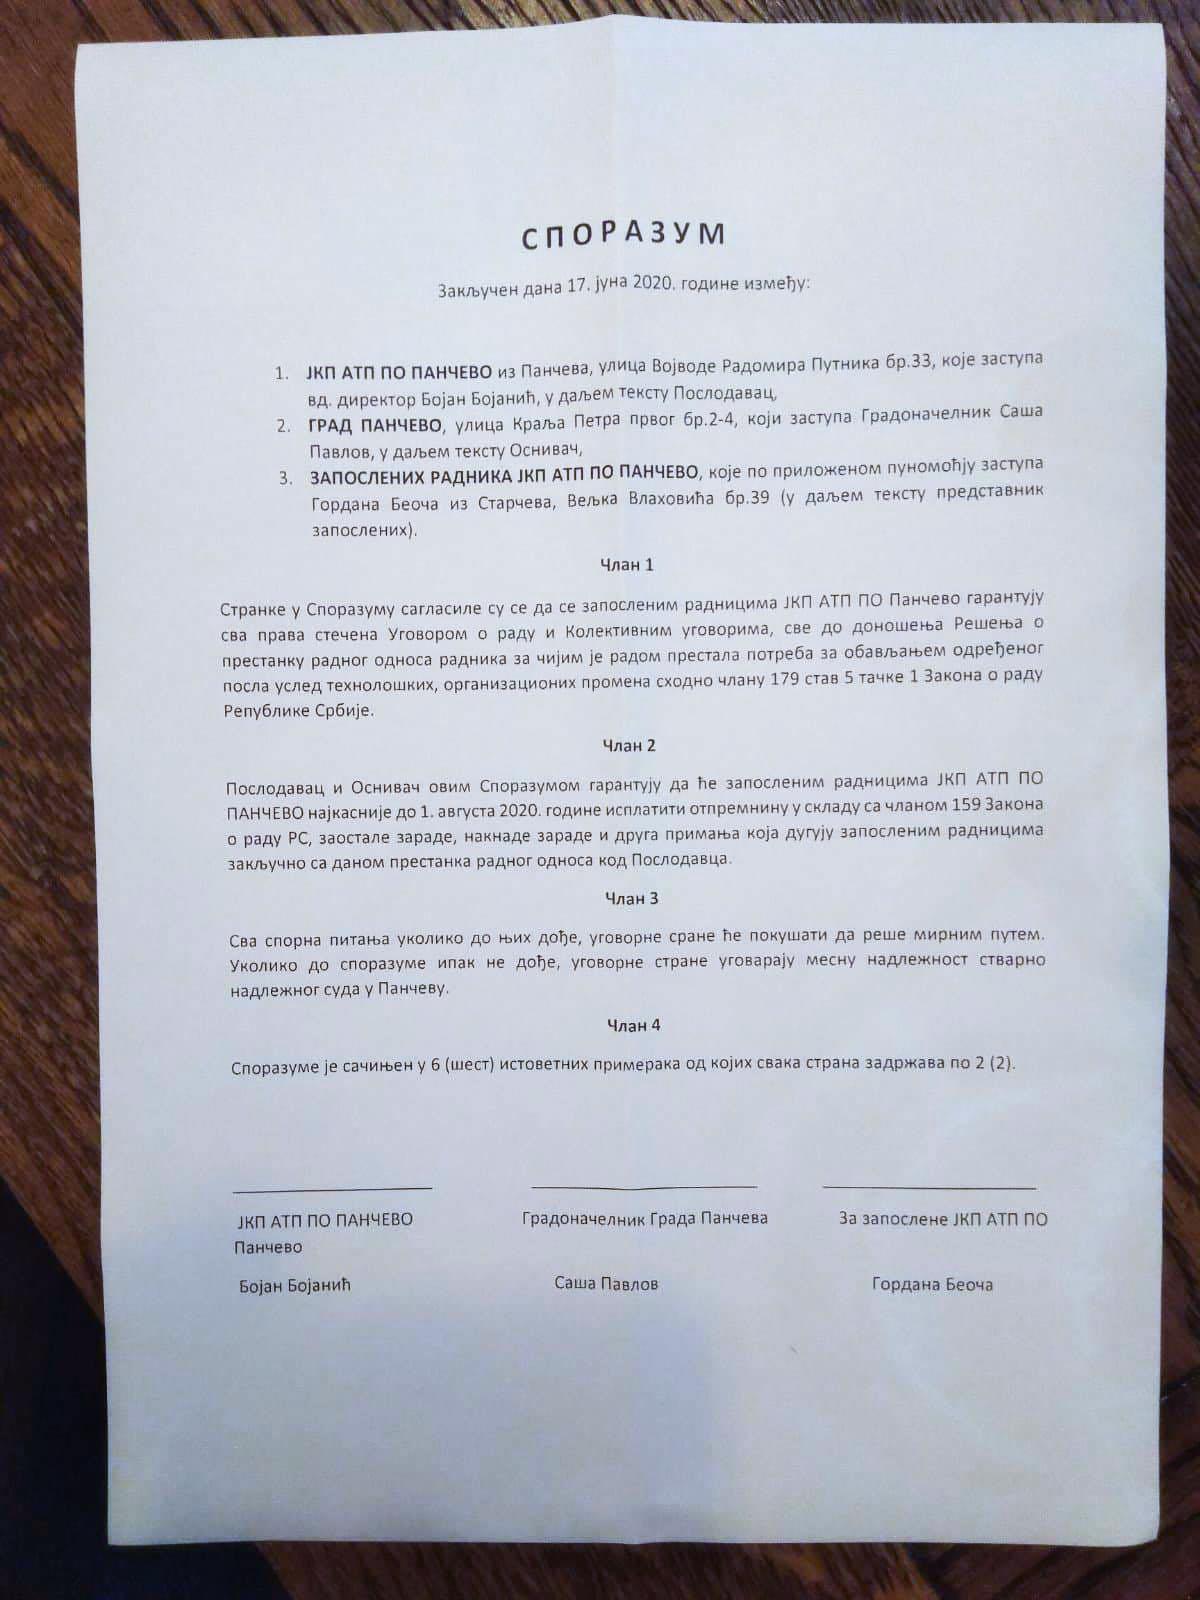 Sporazum 1